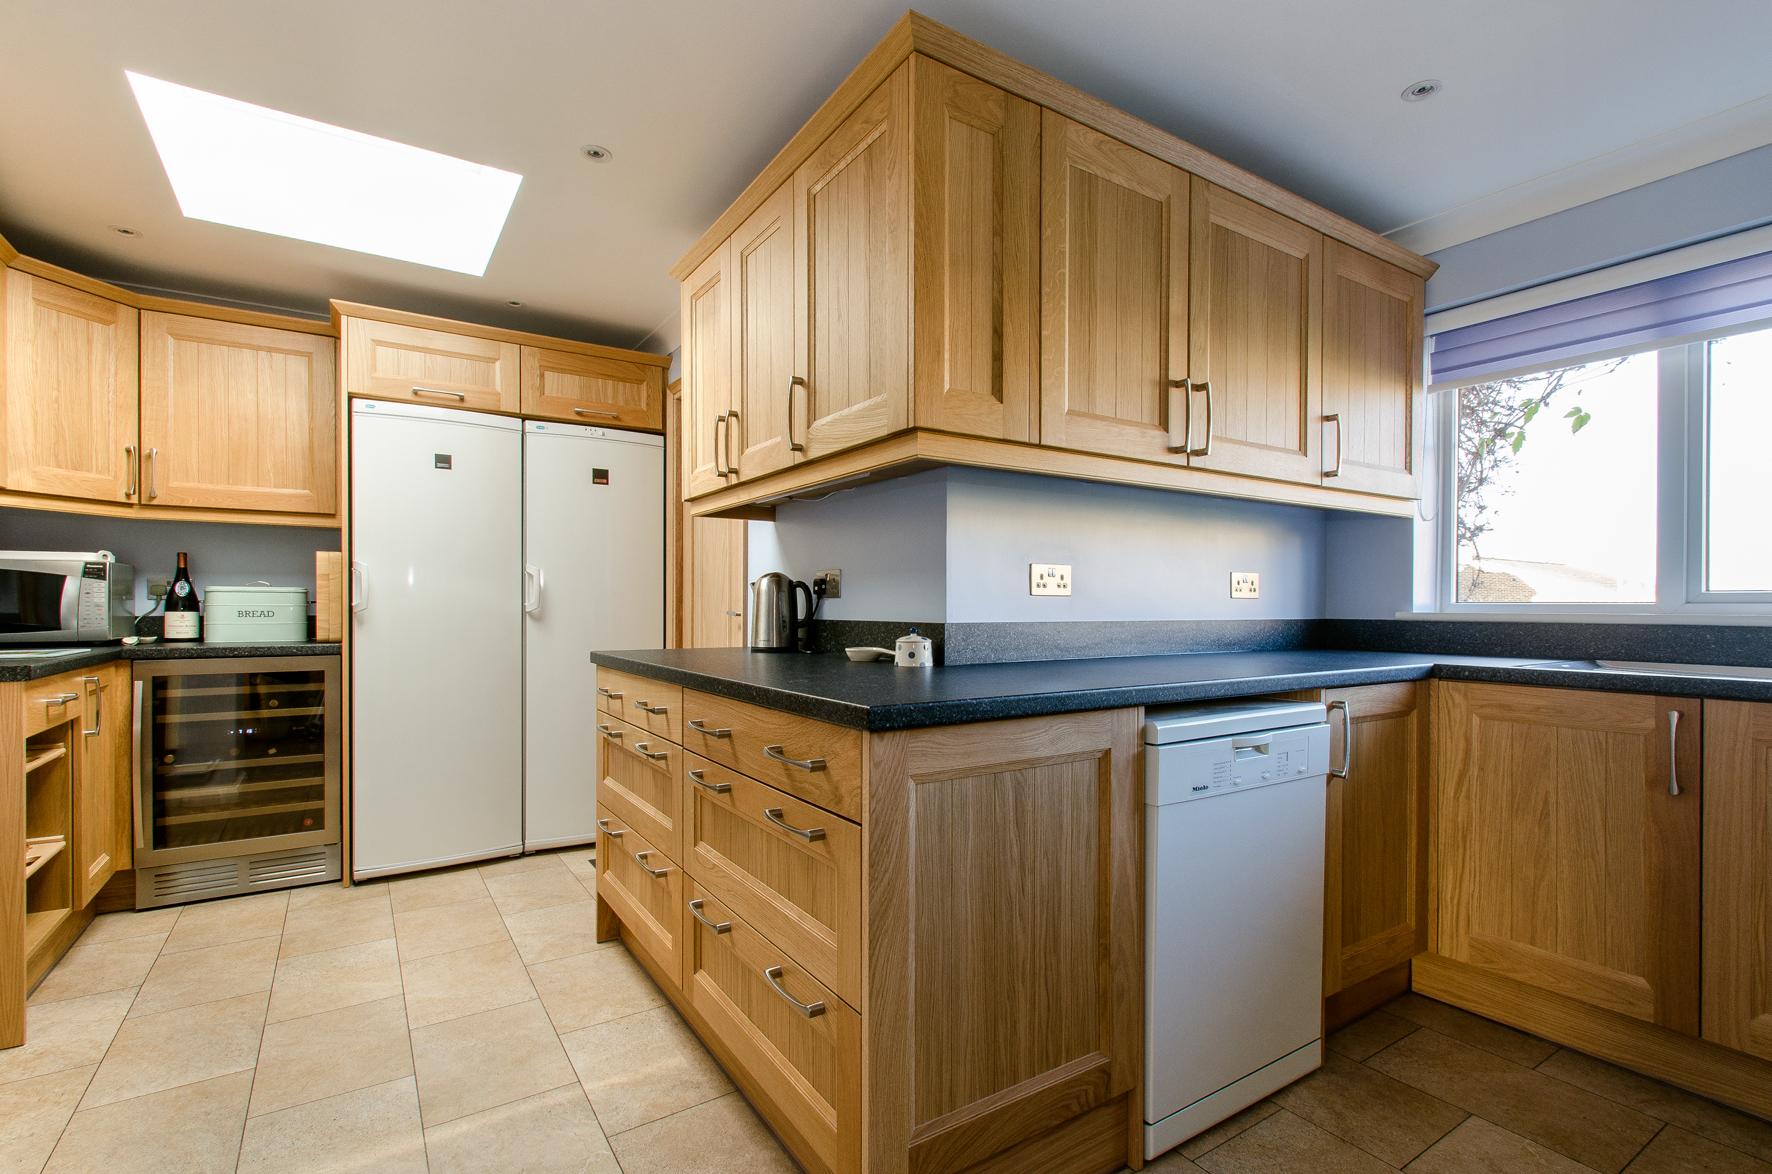 36 Cranleigh kitchen 4.jpg